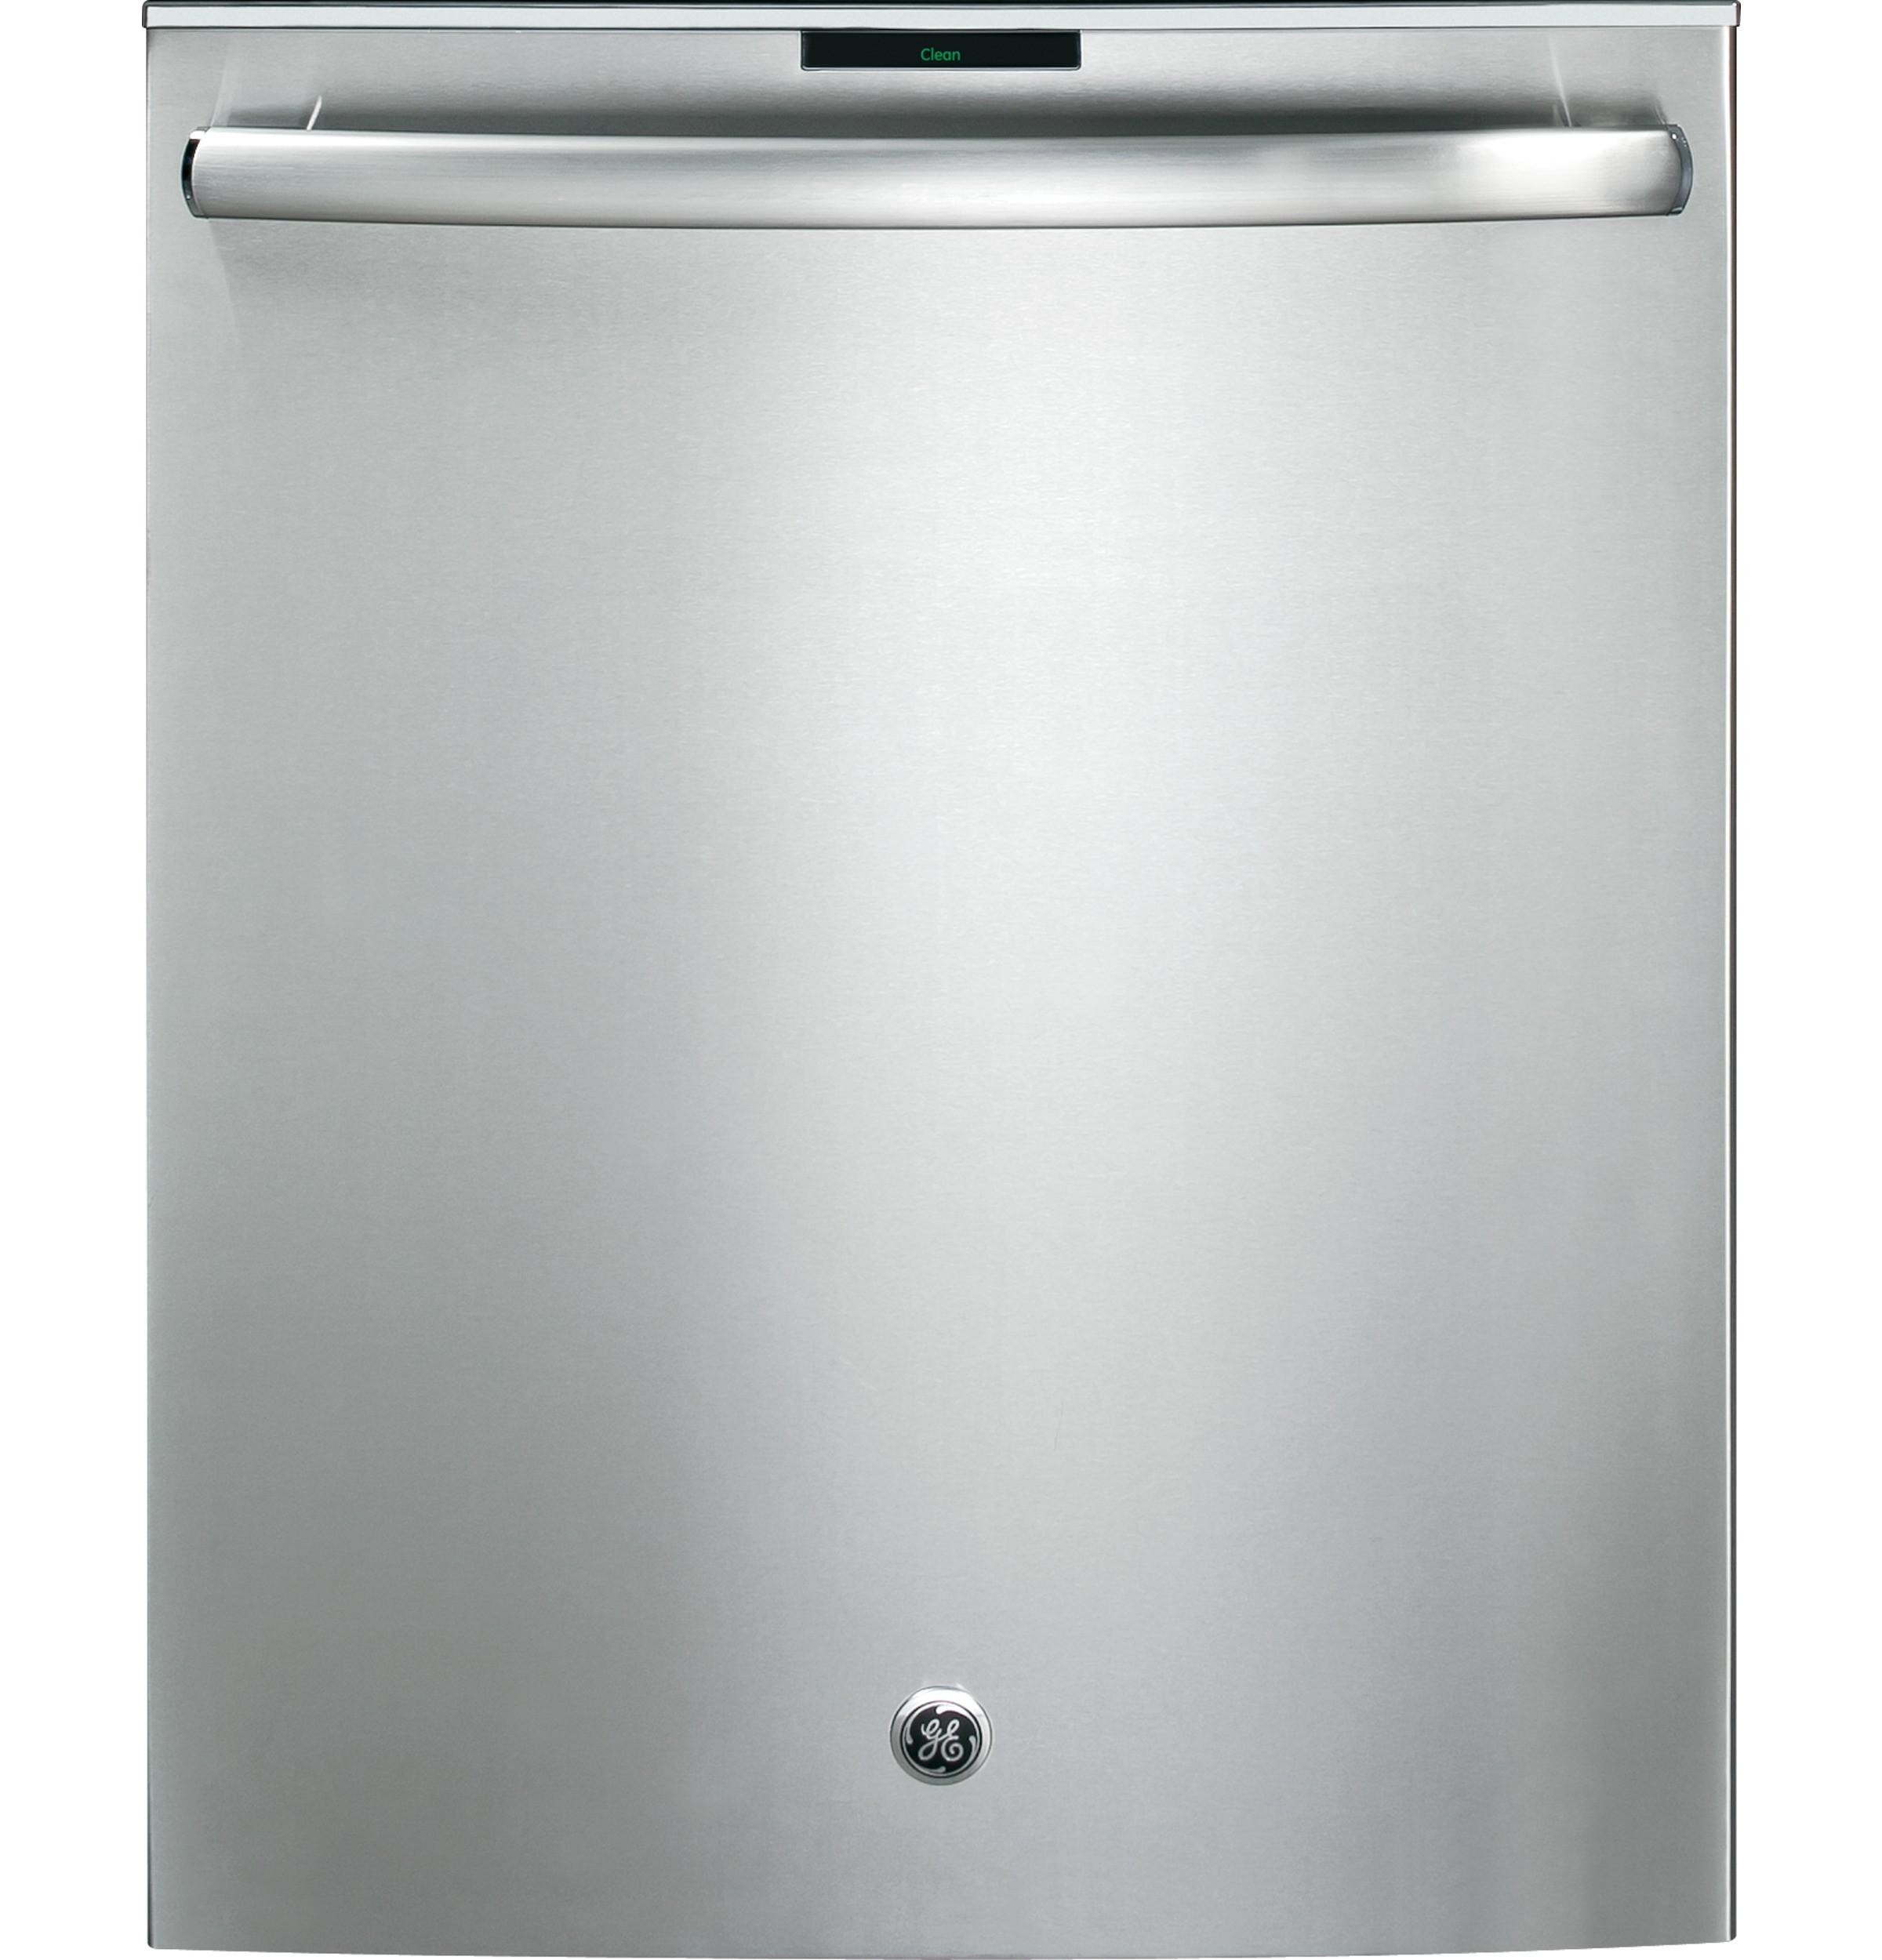 Ge Quiet Power 3 Dishwasher Handbook Stainless Dishwashers Advanced Wash Systems Of Ge Quiet Power 3 Dishwasher Handbook